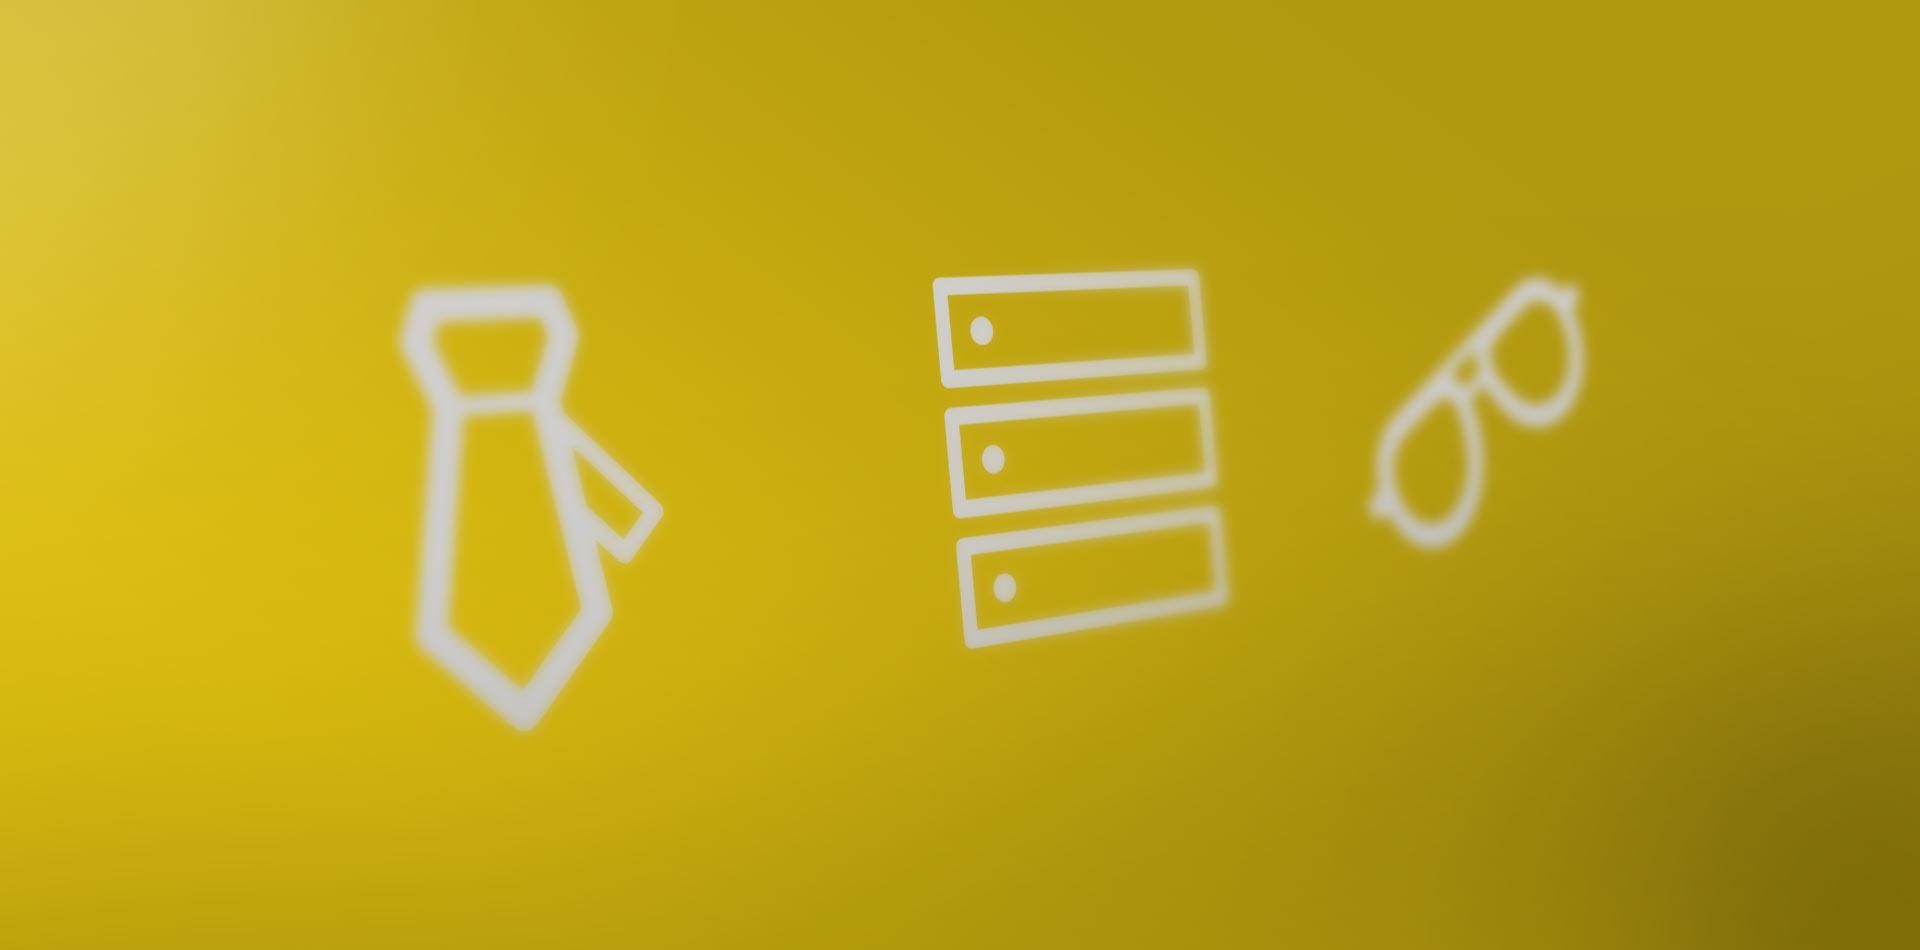 fax-certification-datenschutz